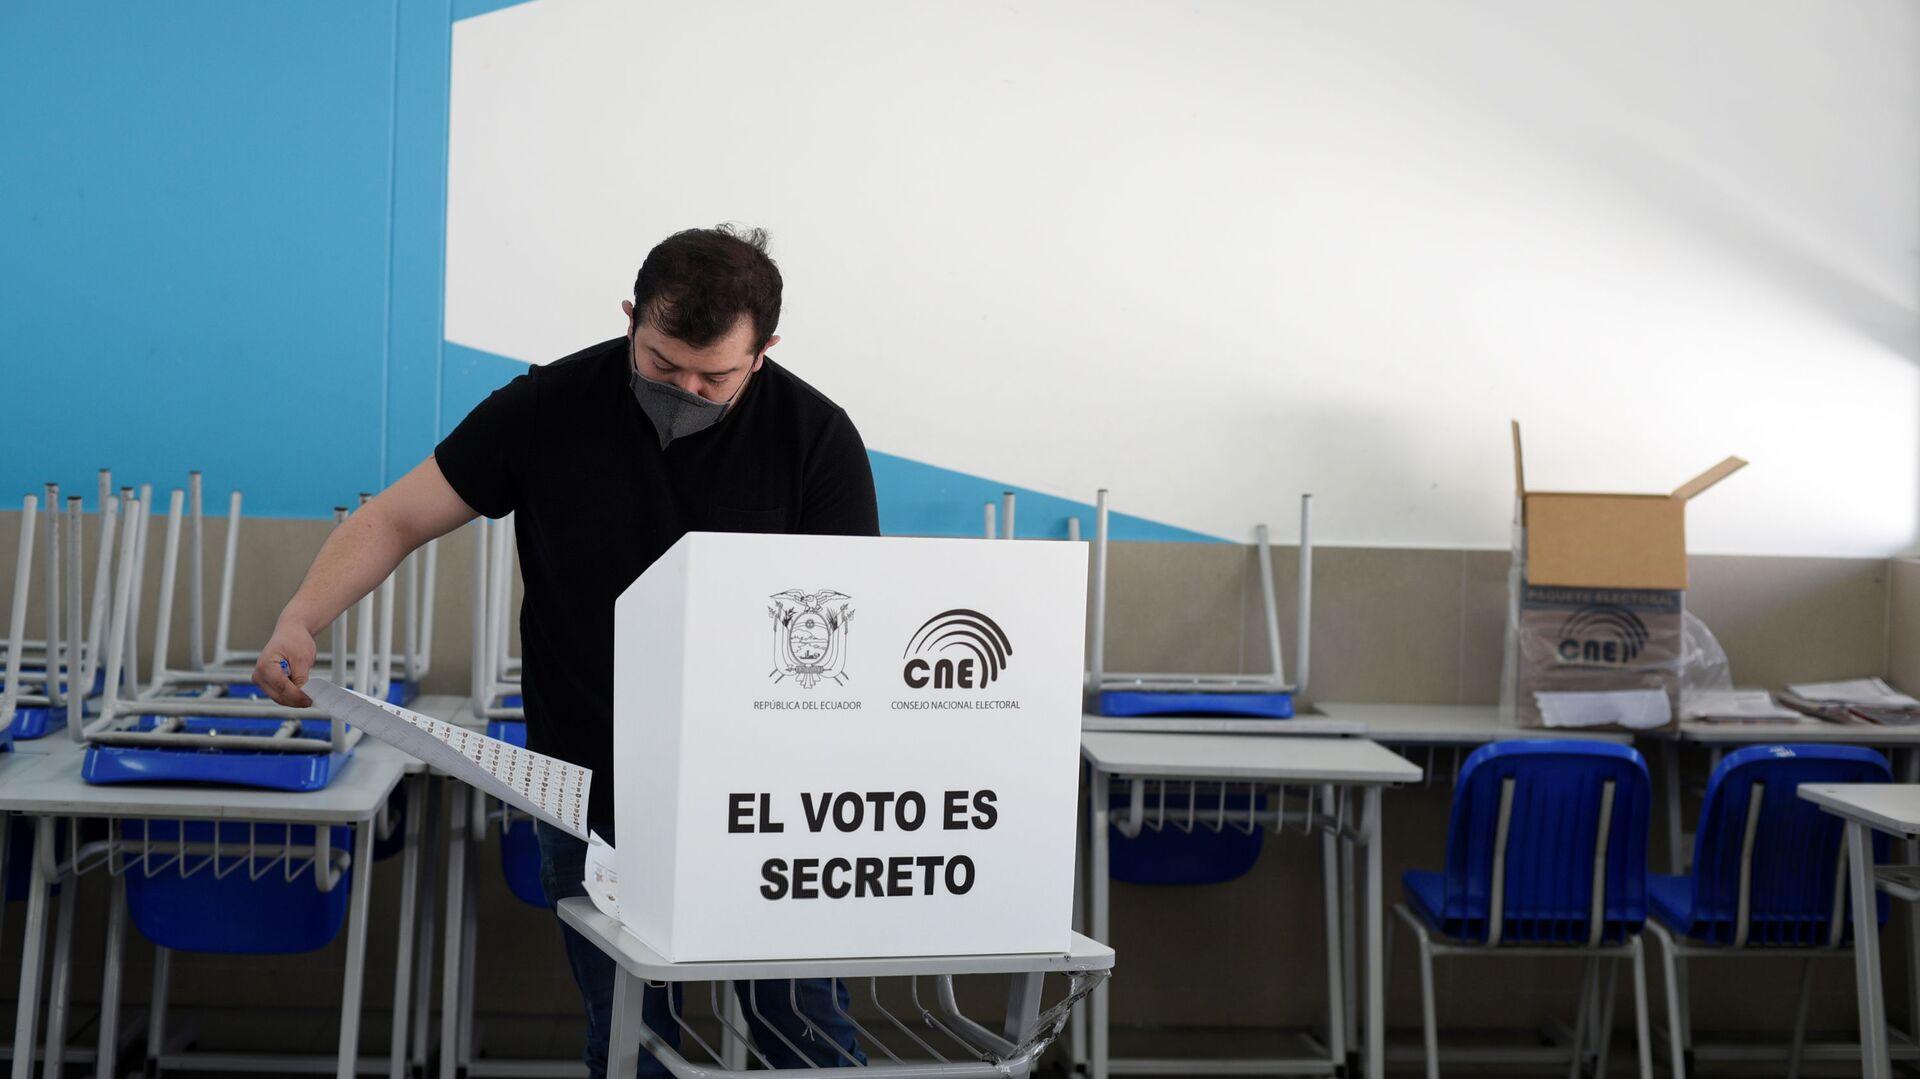 Elecciones presidenciales en Ecuador - Sputnik Mundo, 1920, 17.02.2021